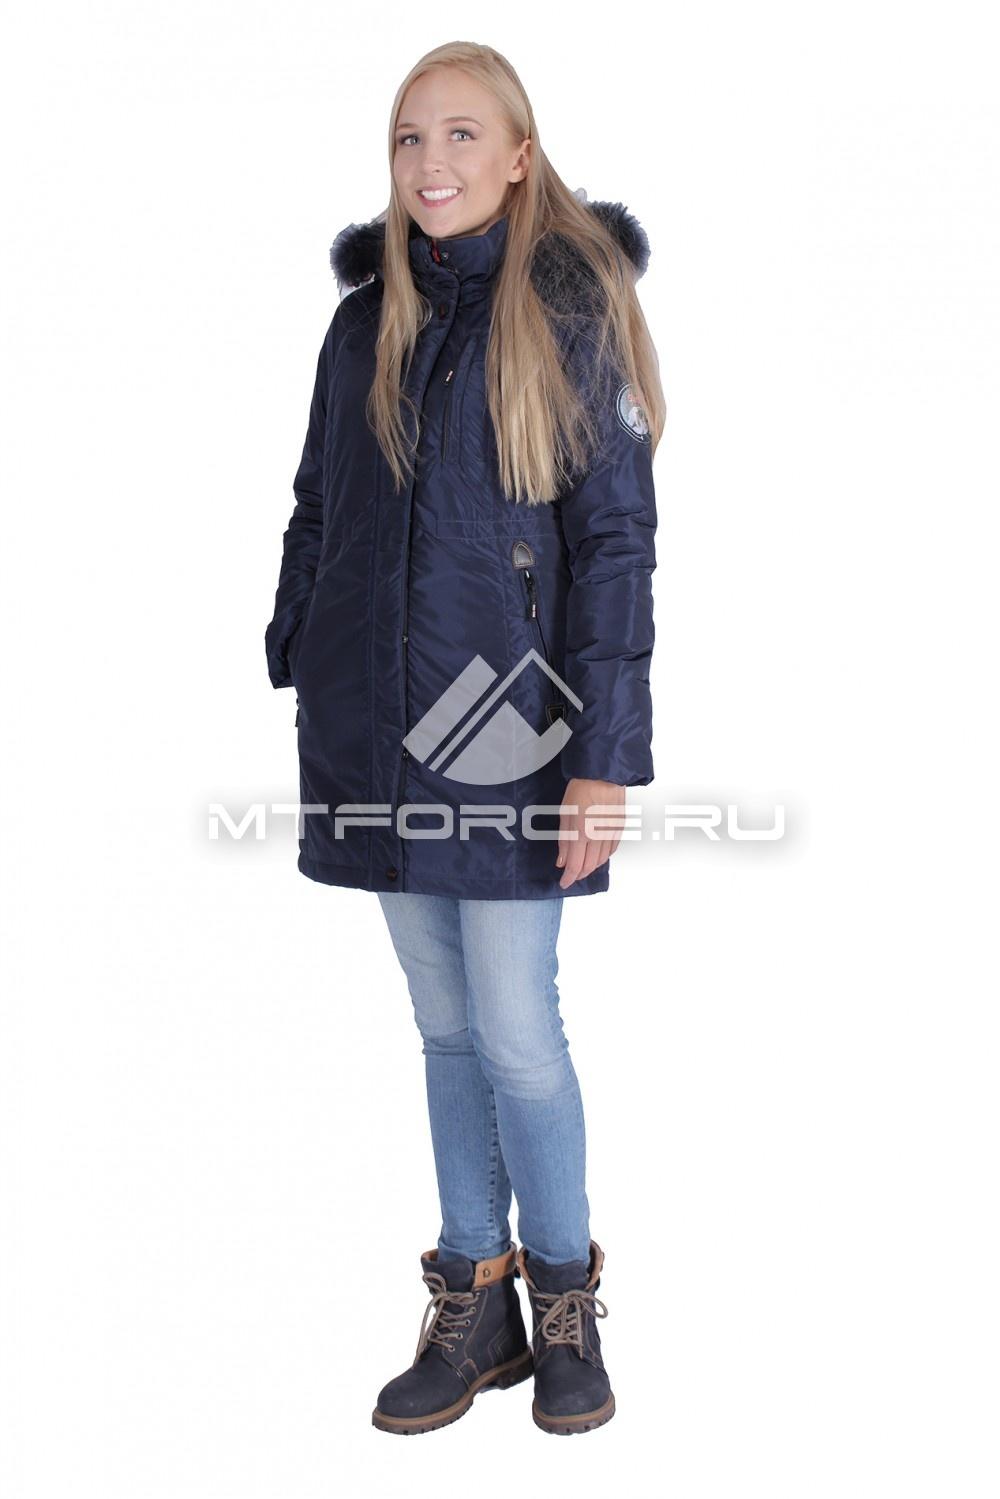 Купить                                  оптом Итальянская куртка женская темно-синего цвета 1690TS